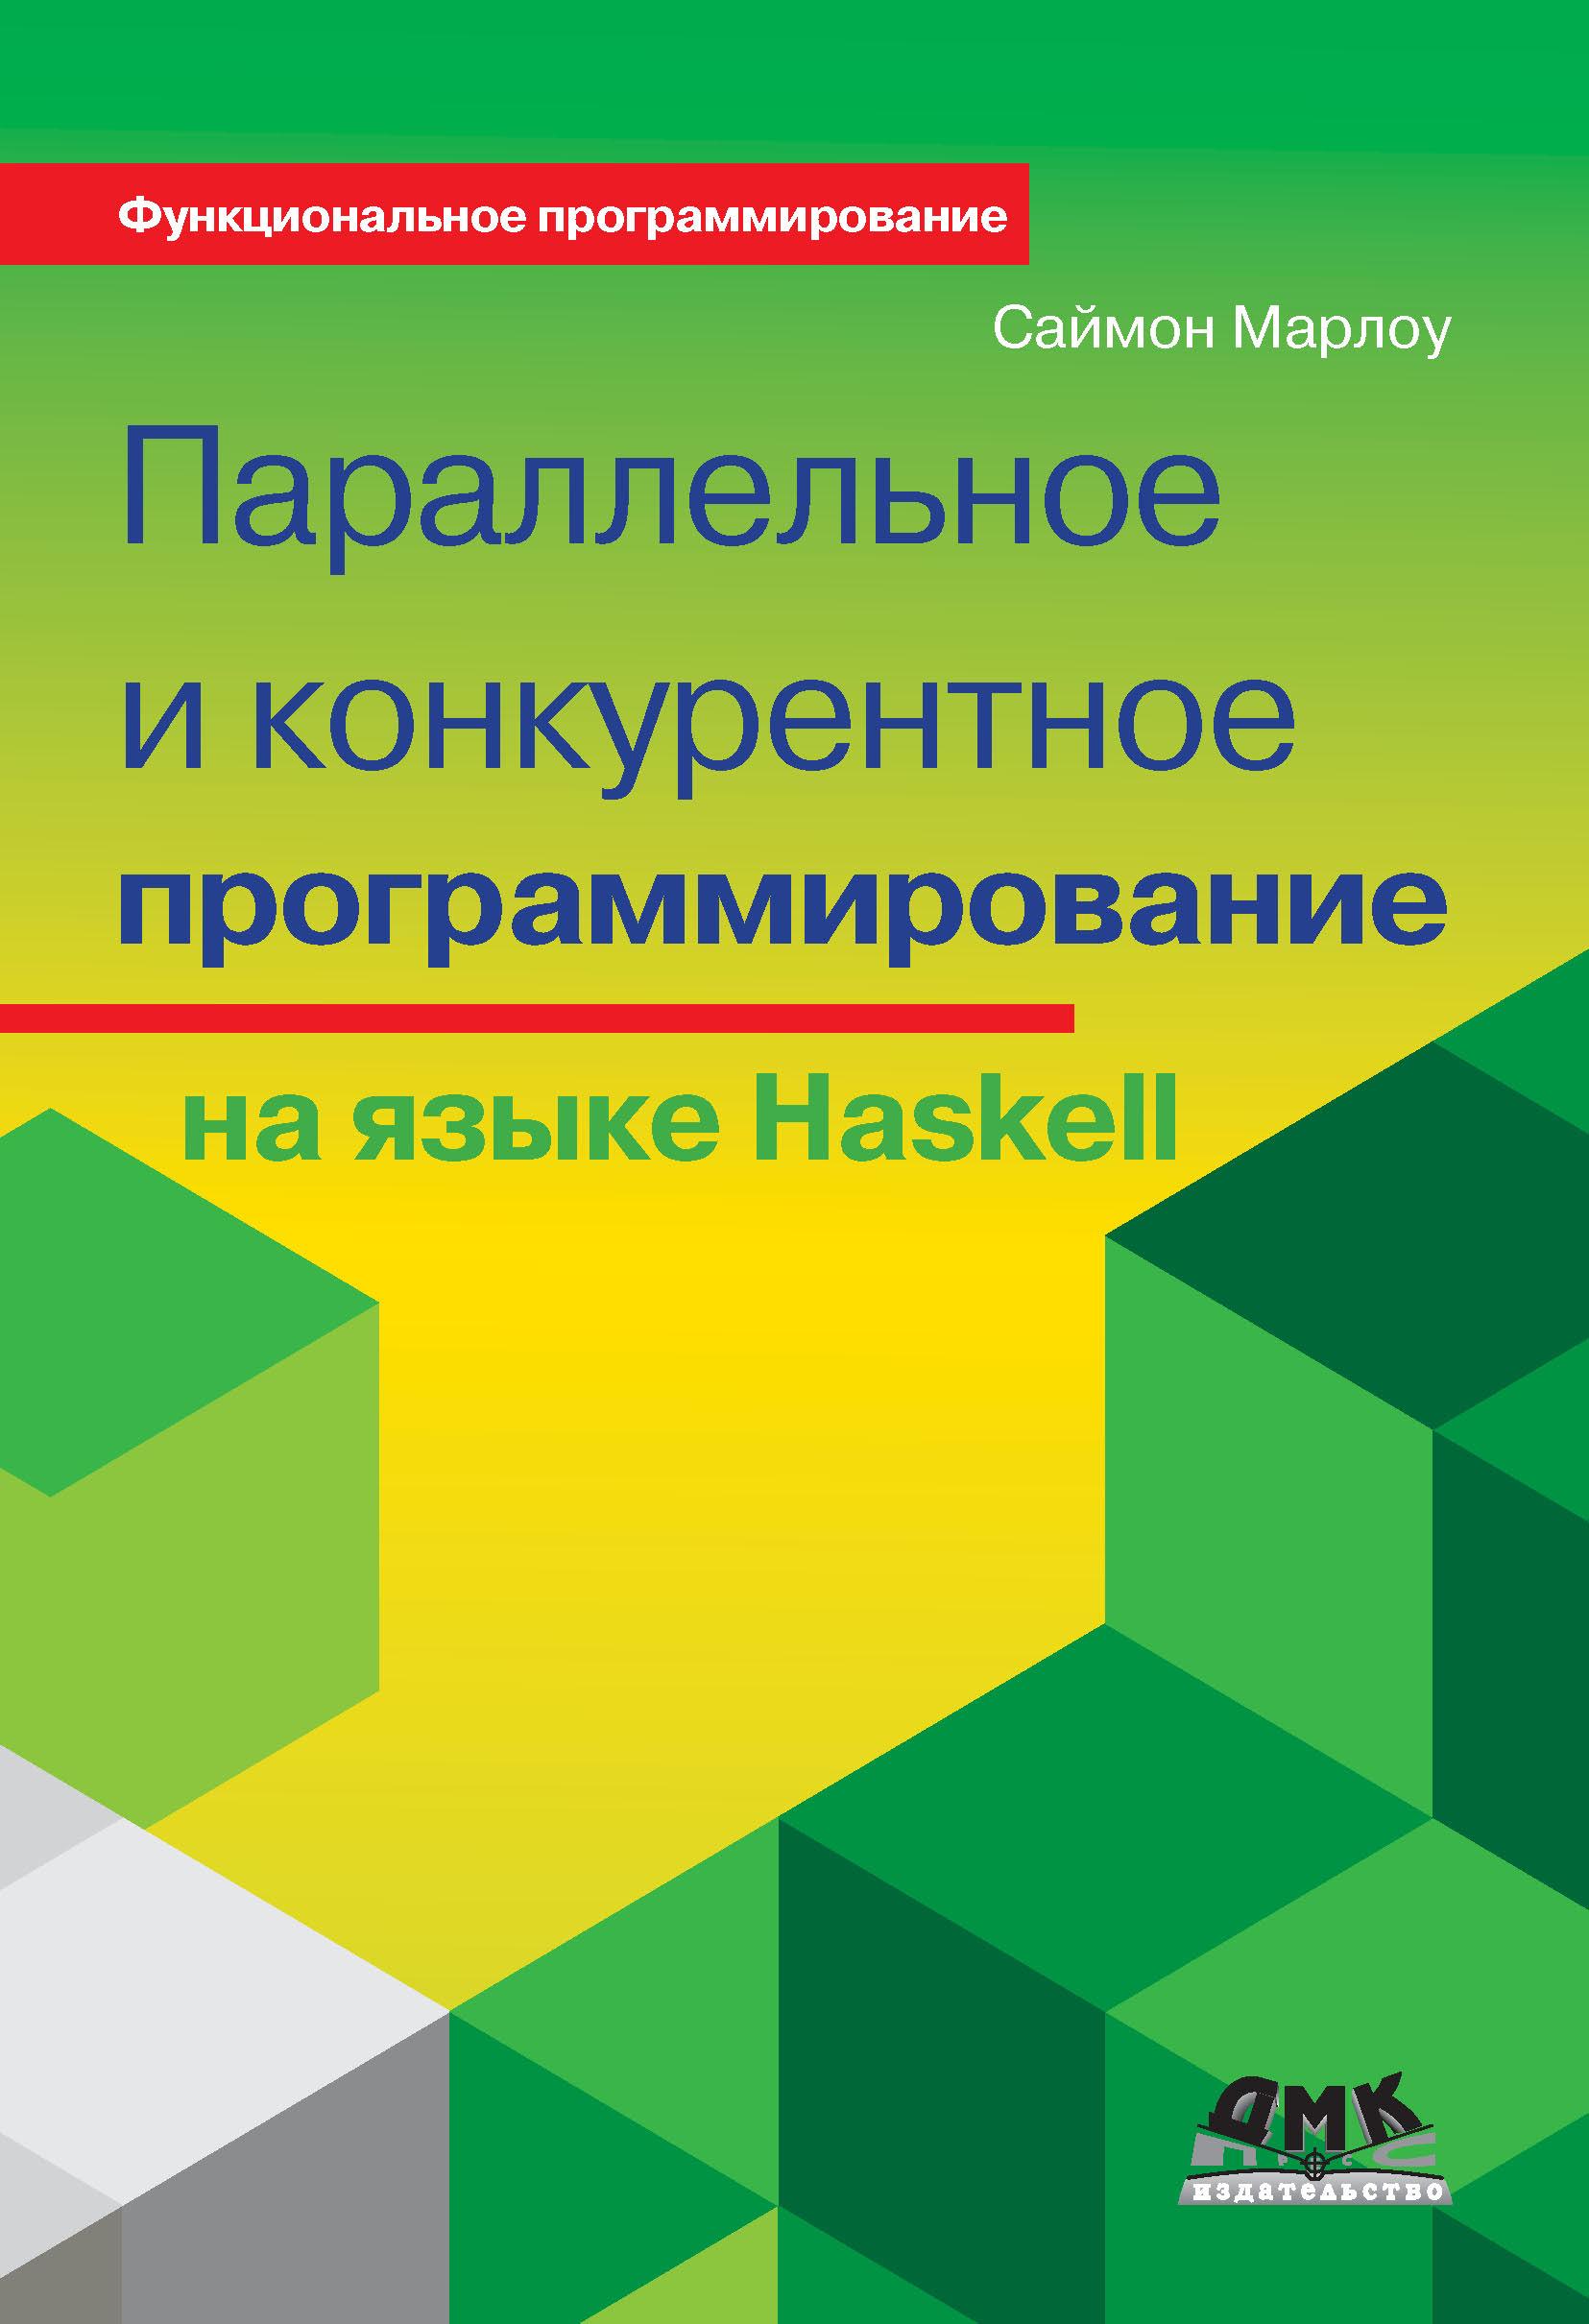 Саймон Марлоу Параллельное и конкурентное программирование на языке Haskell алехандро серано мена изучаем haskell